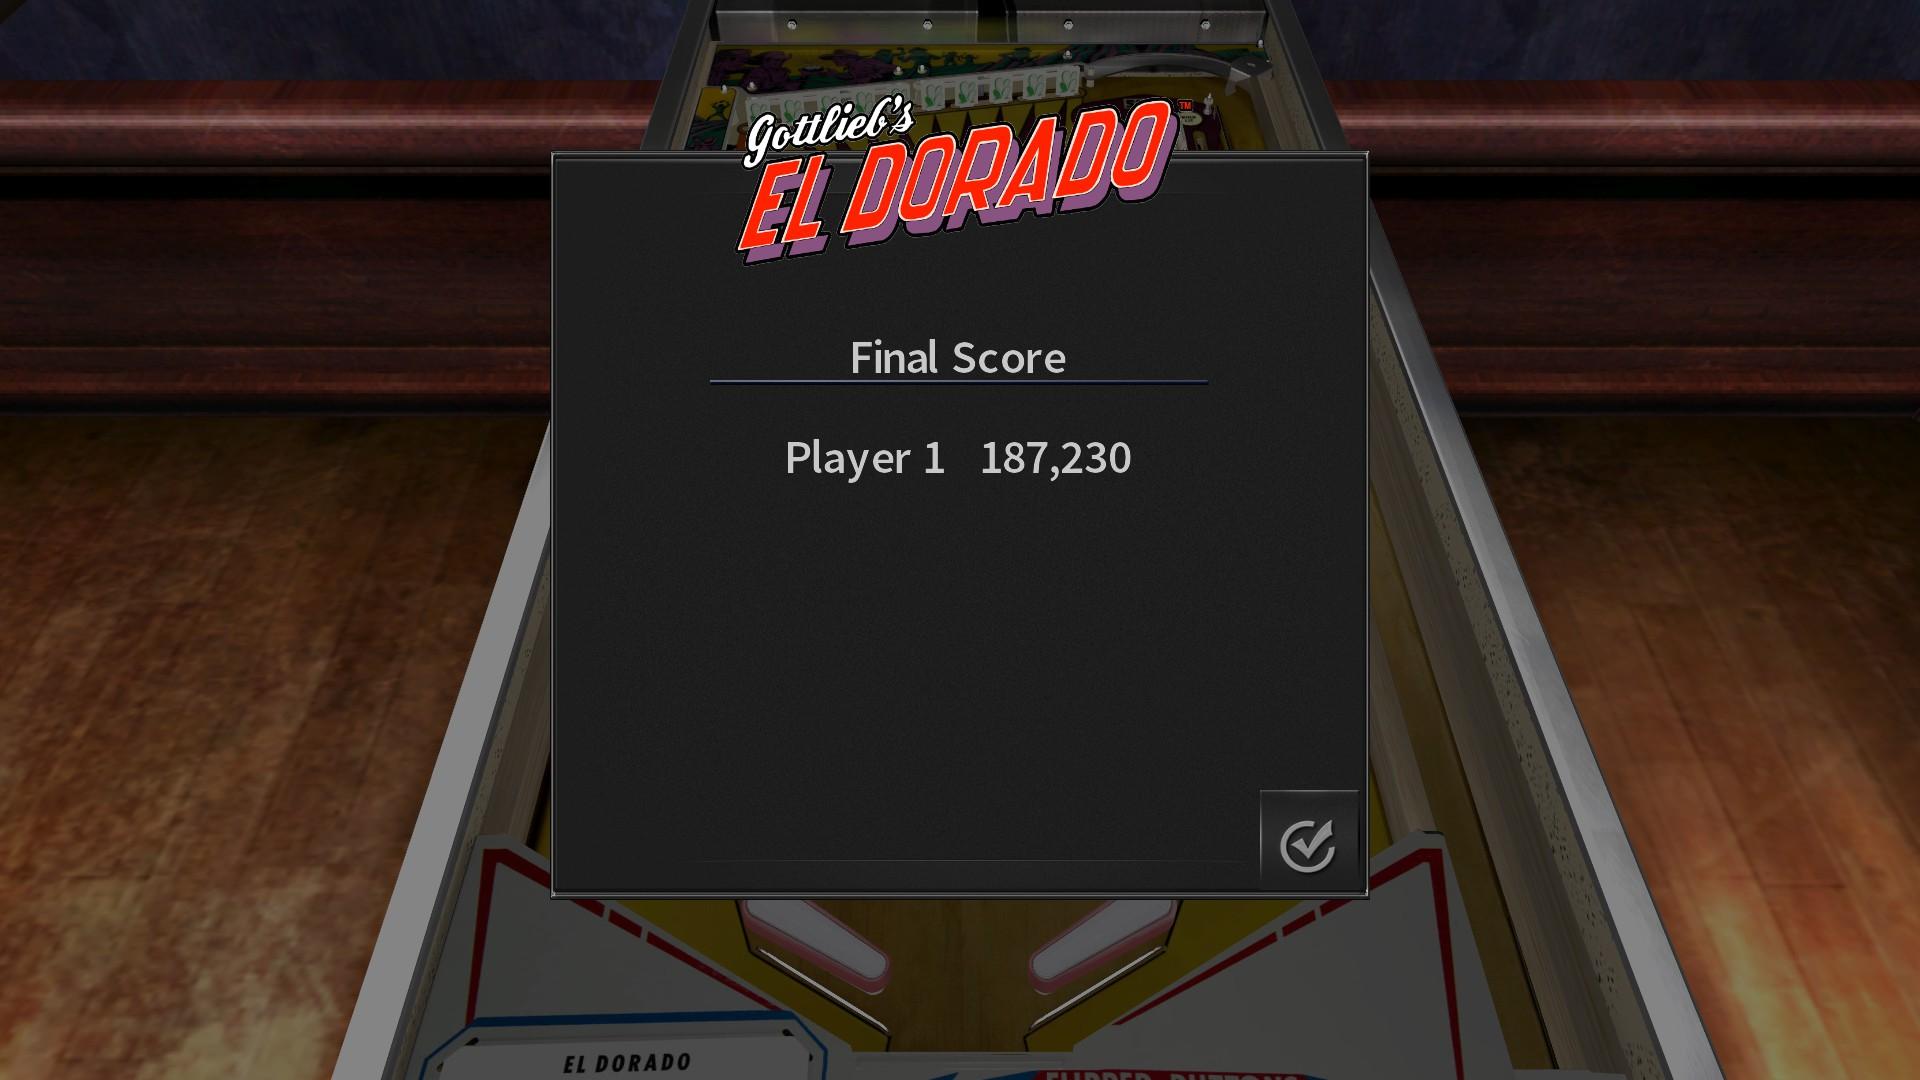 GTibel: Pinball Arcade: El Dorado (PC) 187,230 points on 2017-10-09 03:39:28